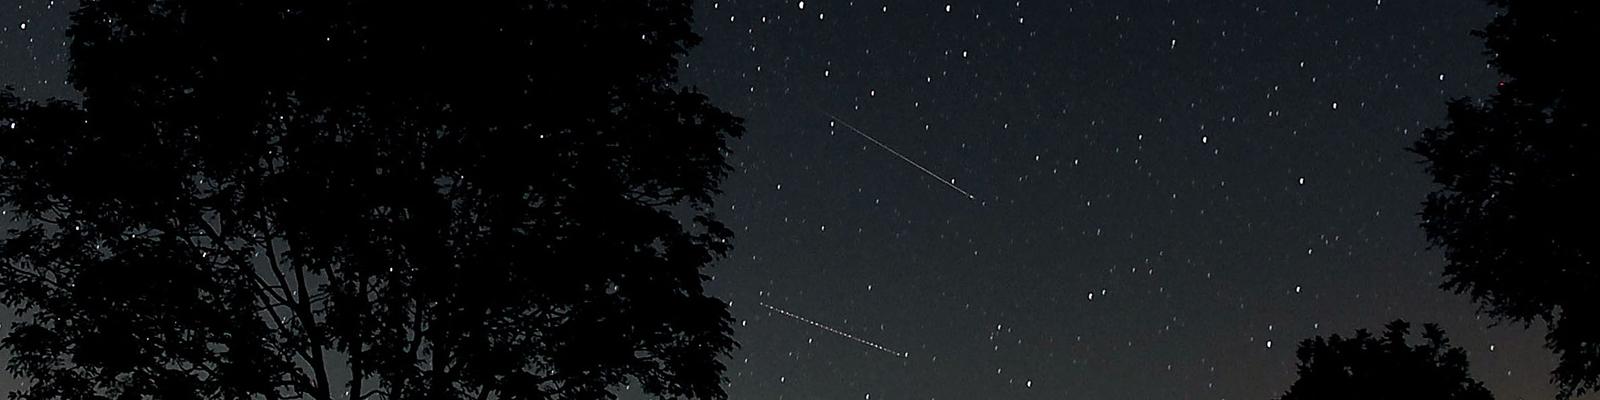 Immer am 12. August kreuzt die Bahn des Kometen Swift Tuttle, dann sind die Perseiden gut zu sehen.